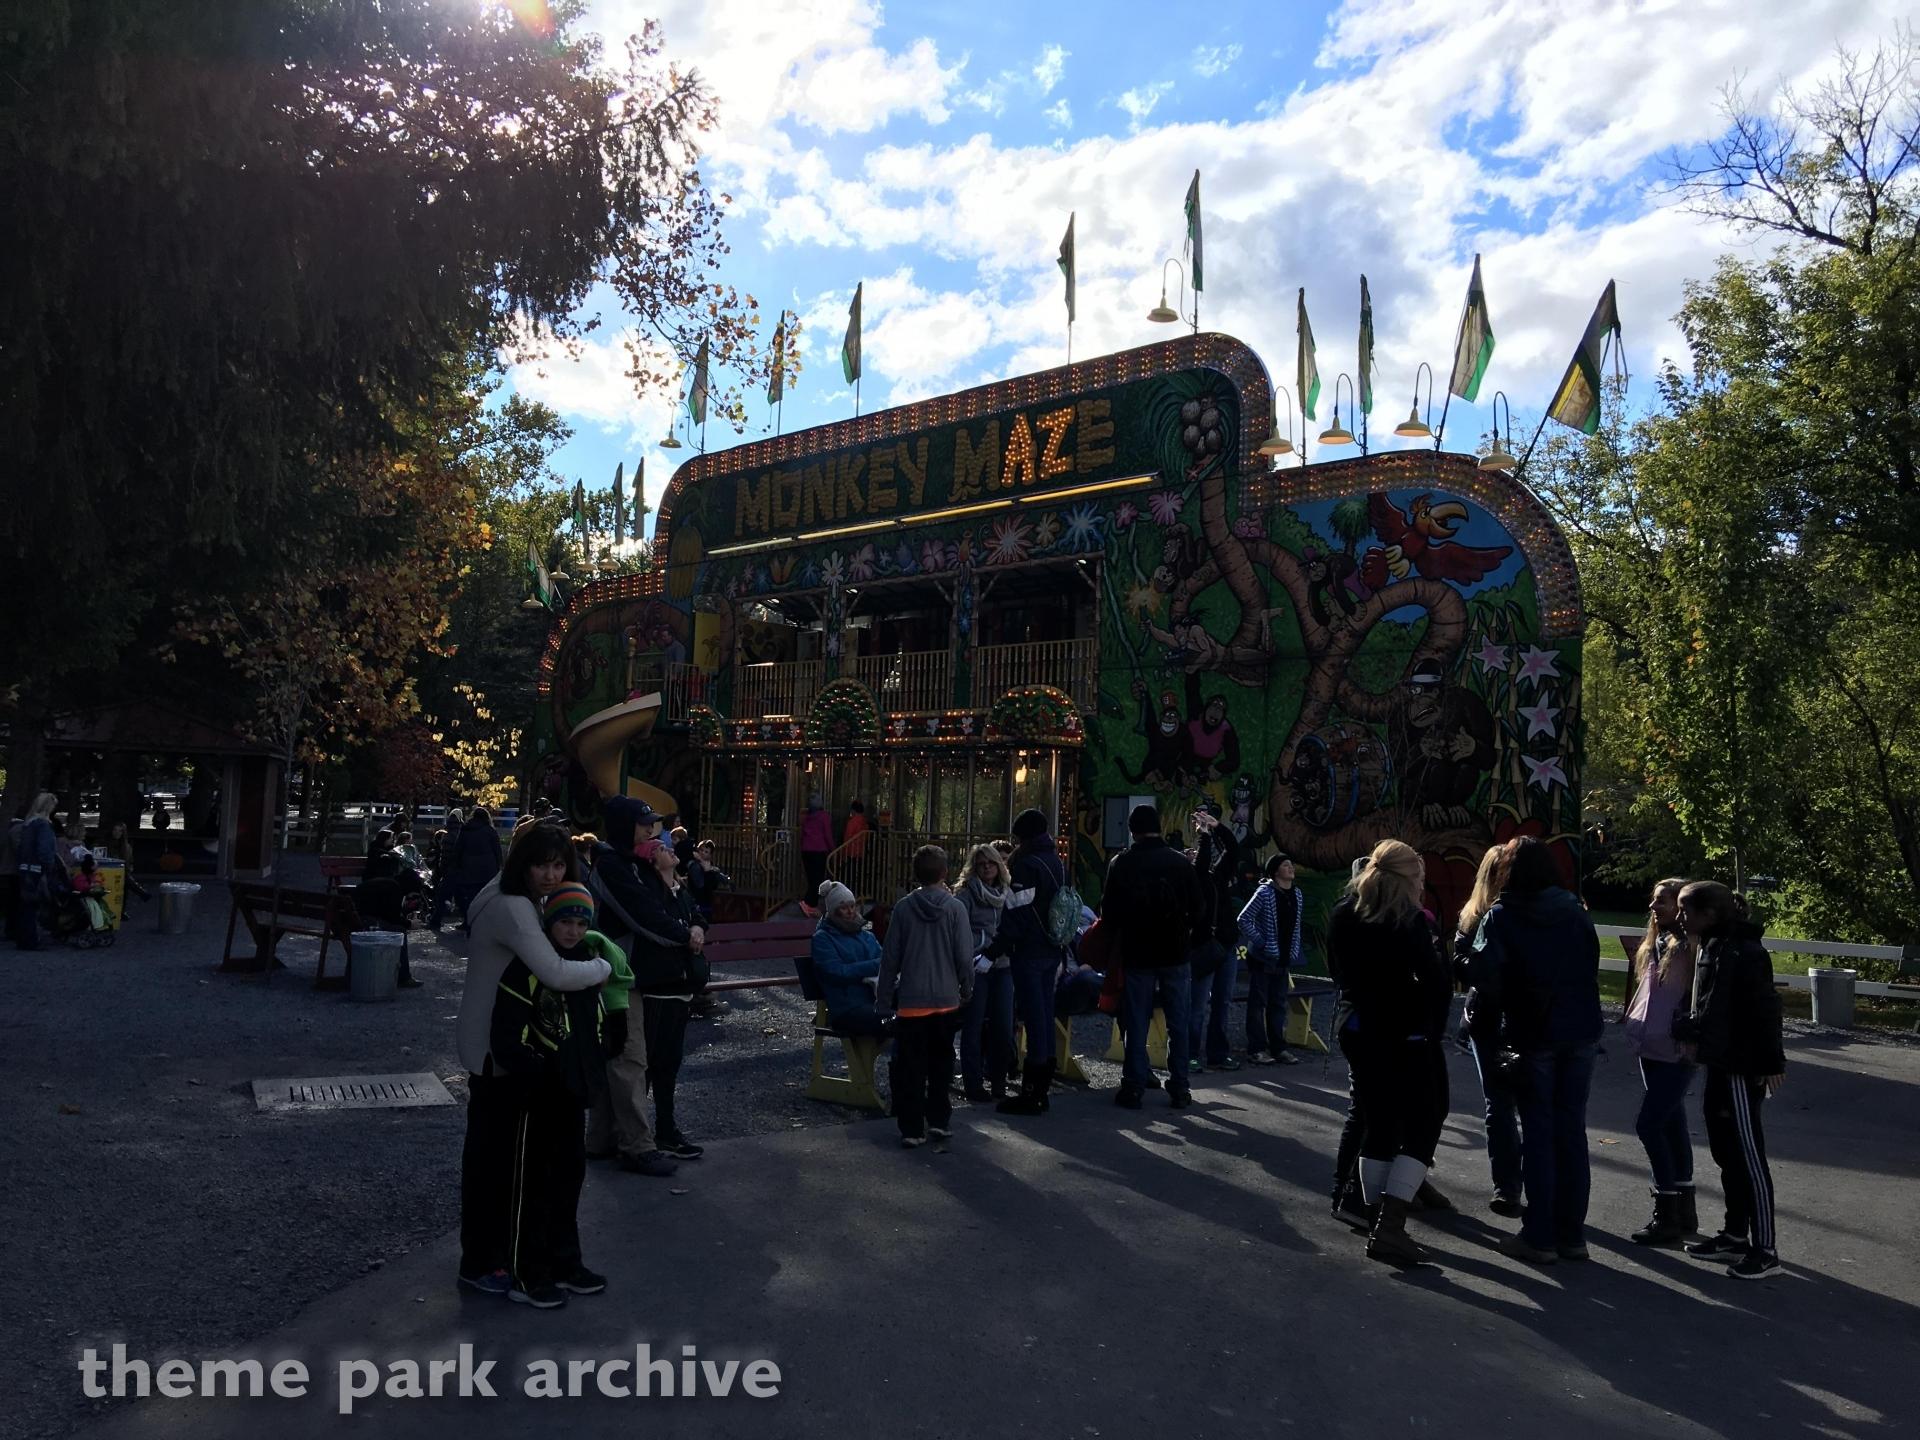 Monkey Maze at Knoebels Amusement Resort